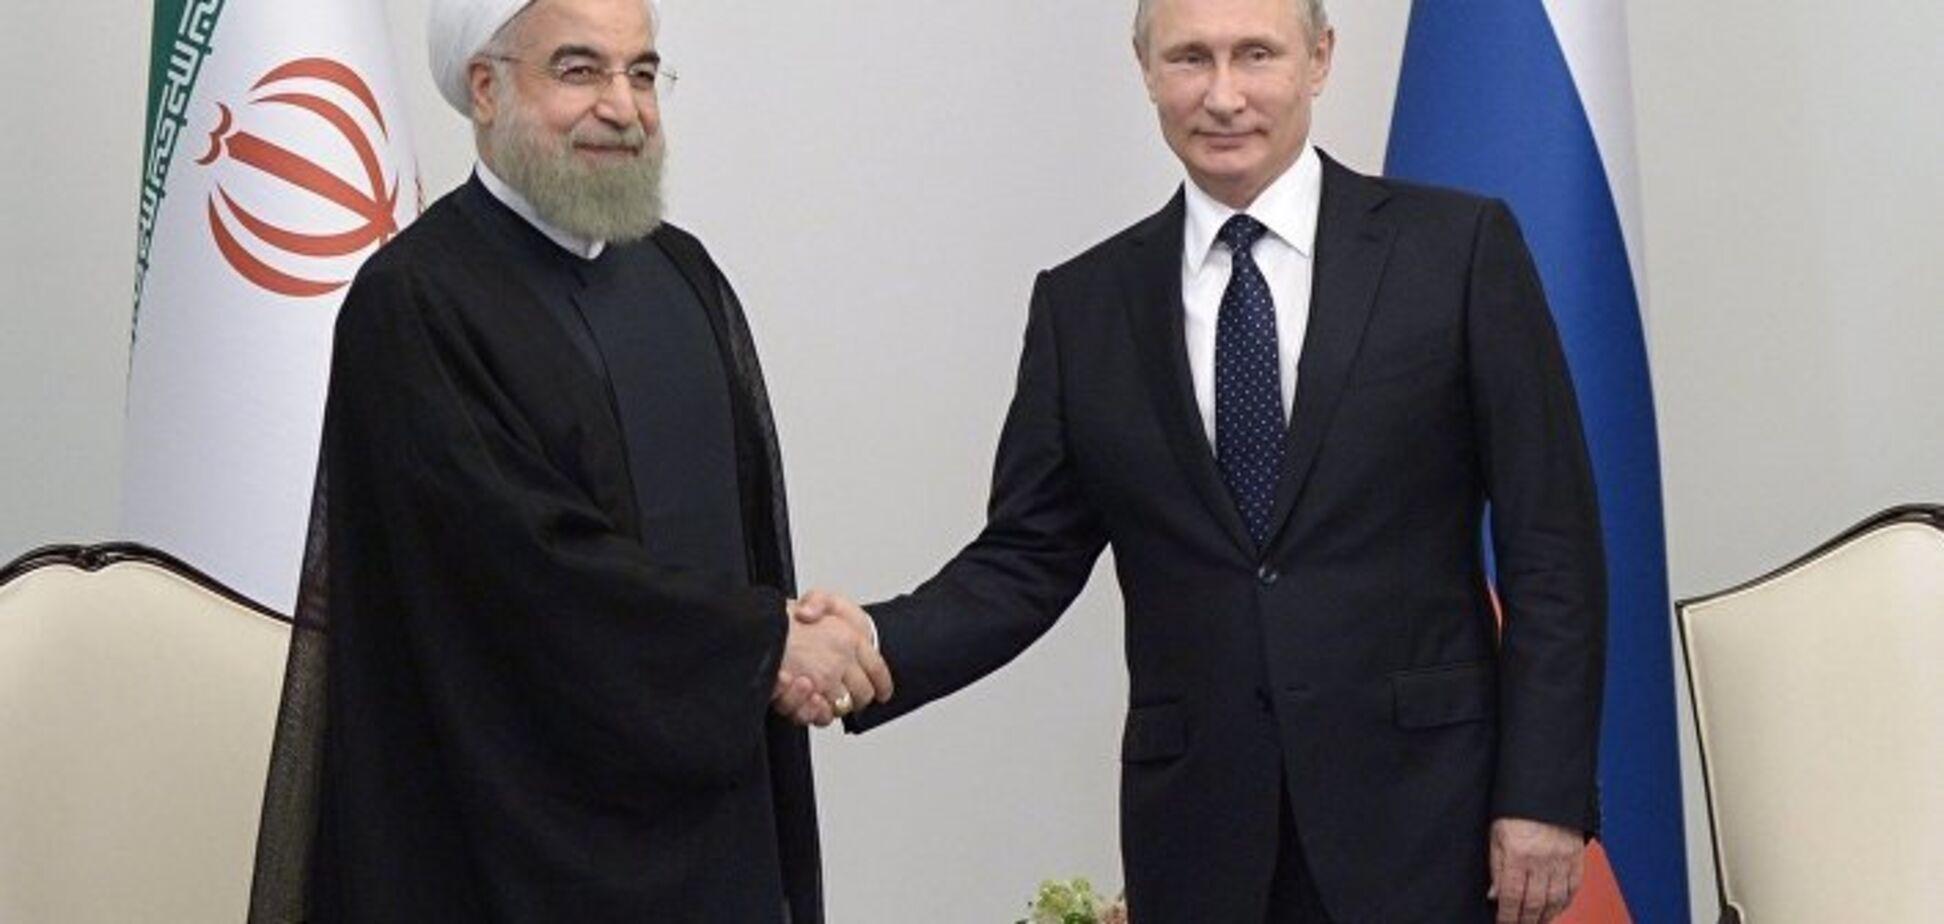 Россия испытывает серьезные проблемы из-за американских санкций